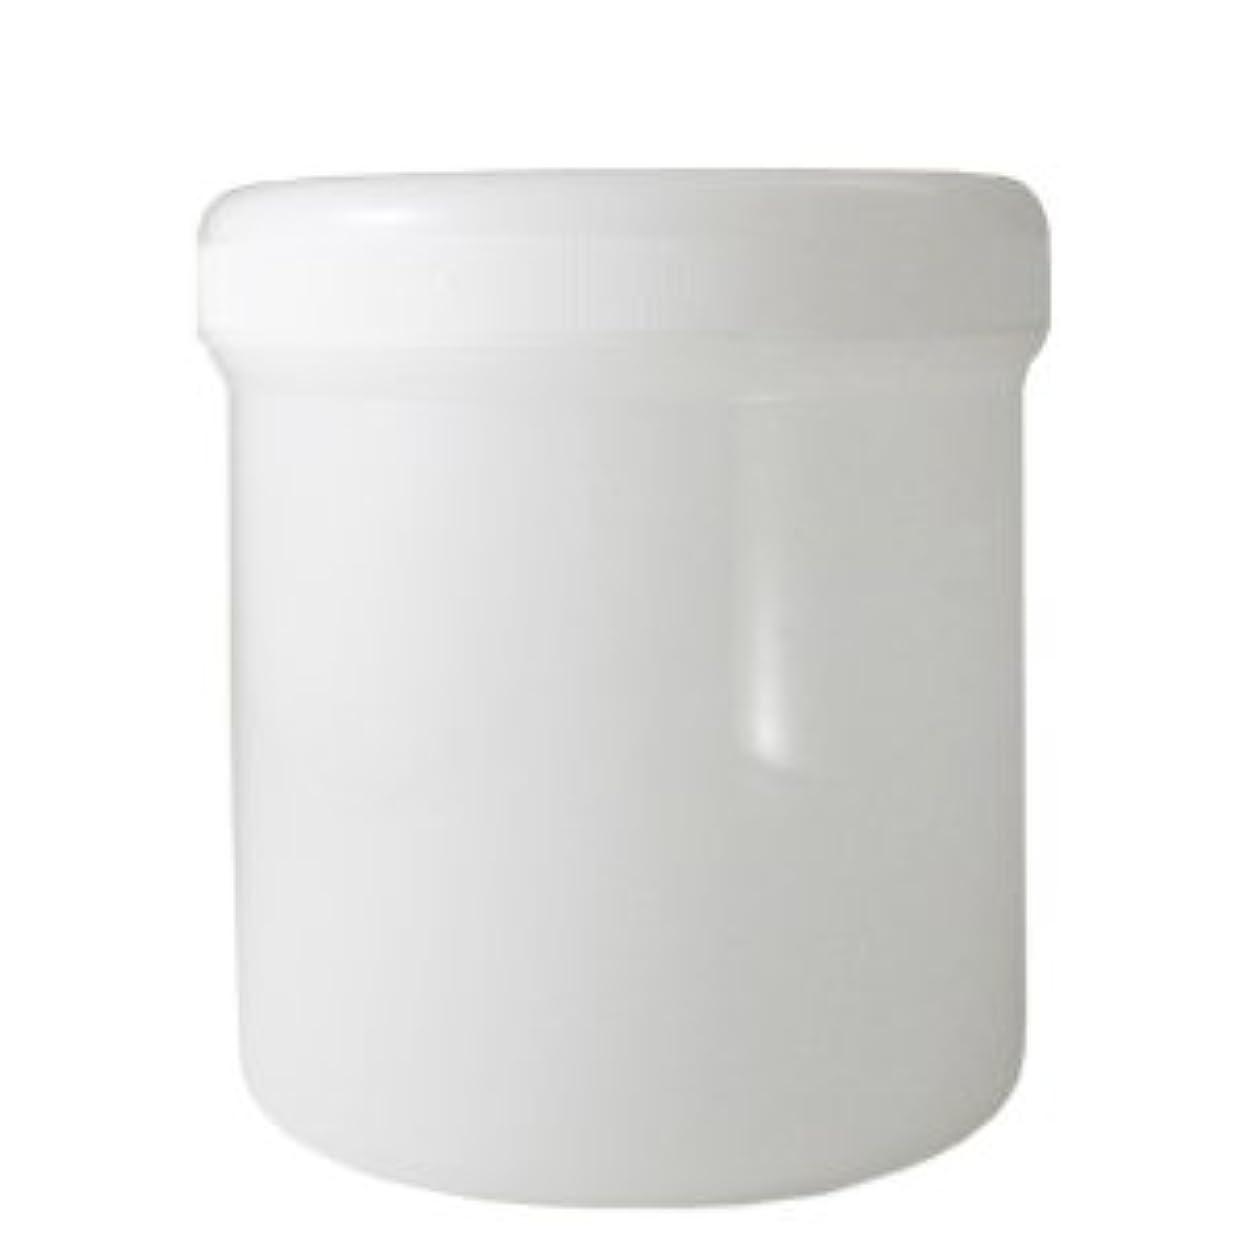 ミニチュアフレットカヌーナンコー容器 クリームジャー化粧品容器 550ml